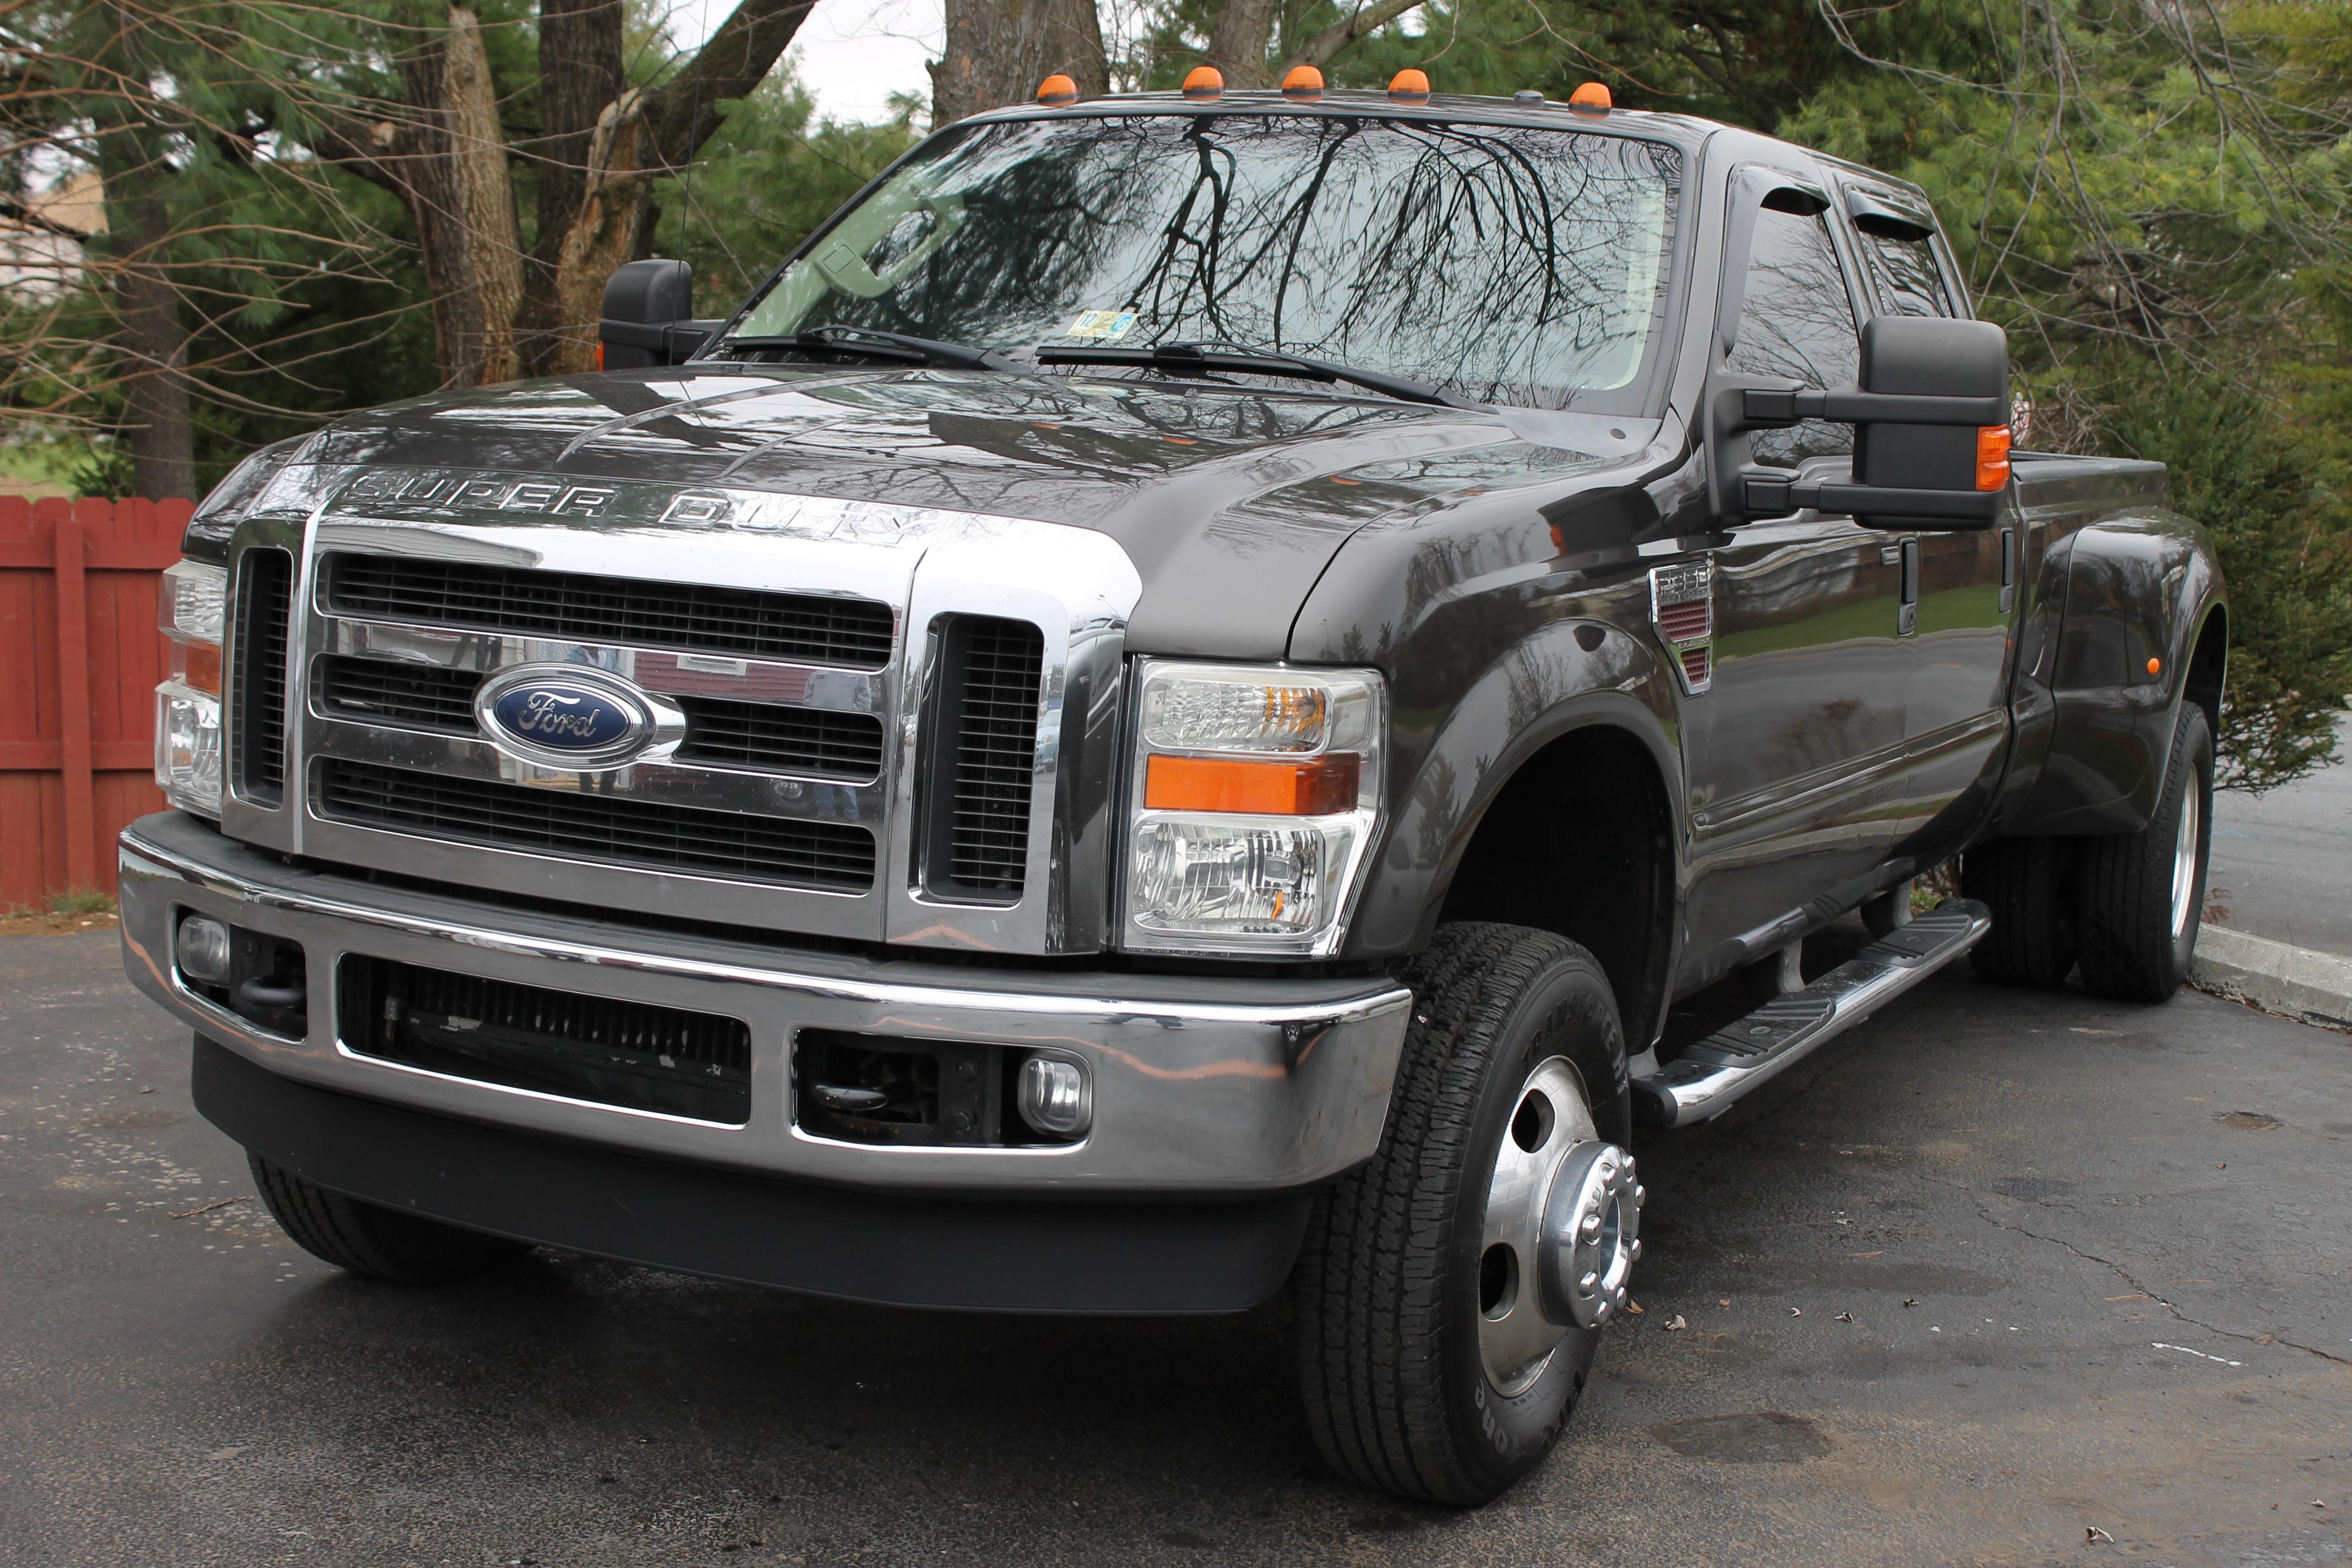 A1 Auto Sales in Winchester, VA 22602 - ChamberofCommerce.com